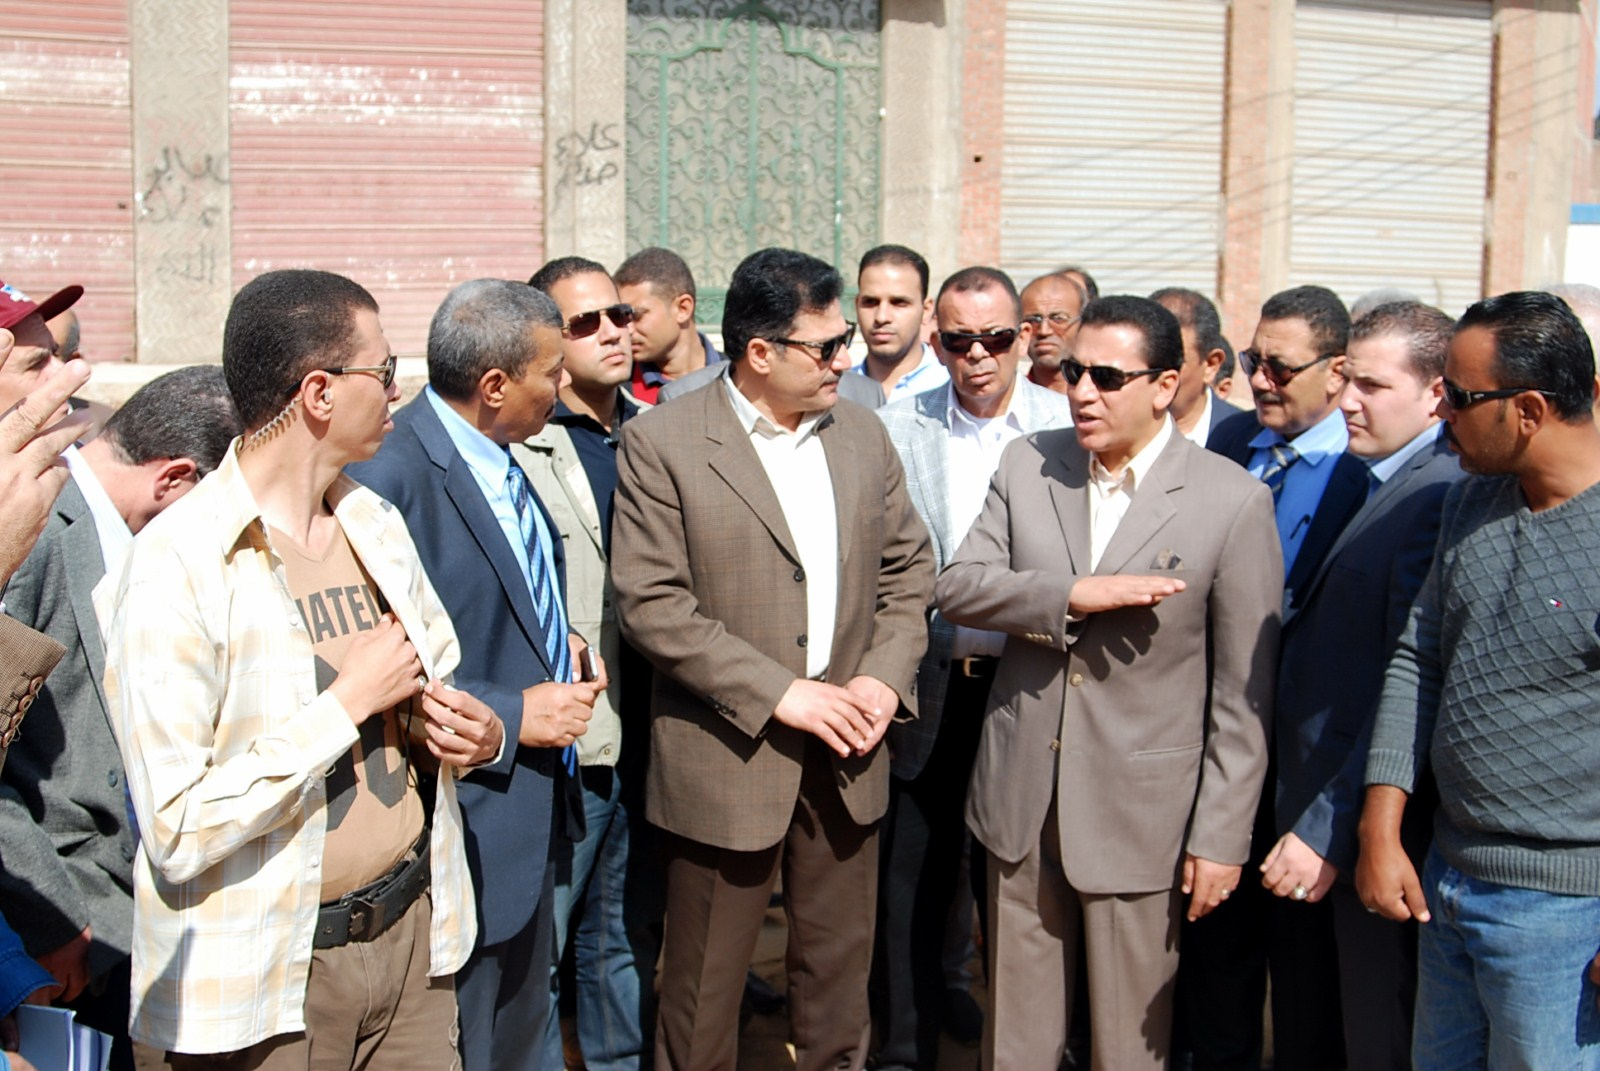 تعرف على تفاصيل زيارة وزير الري لمحافظة الشرقية (4)